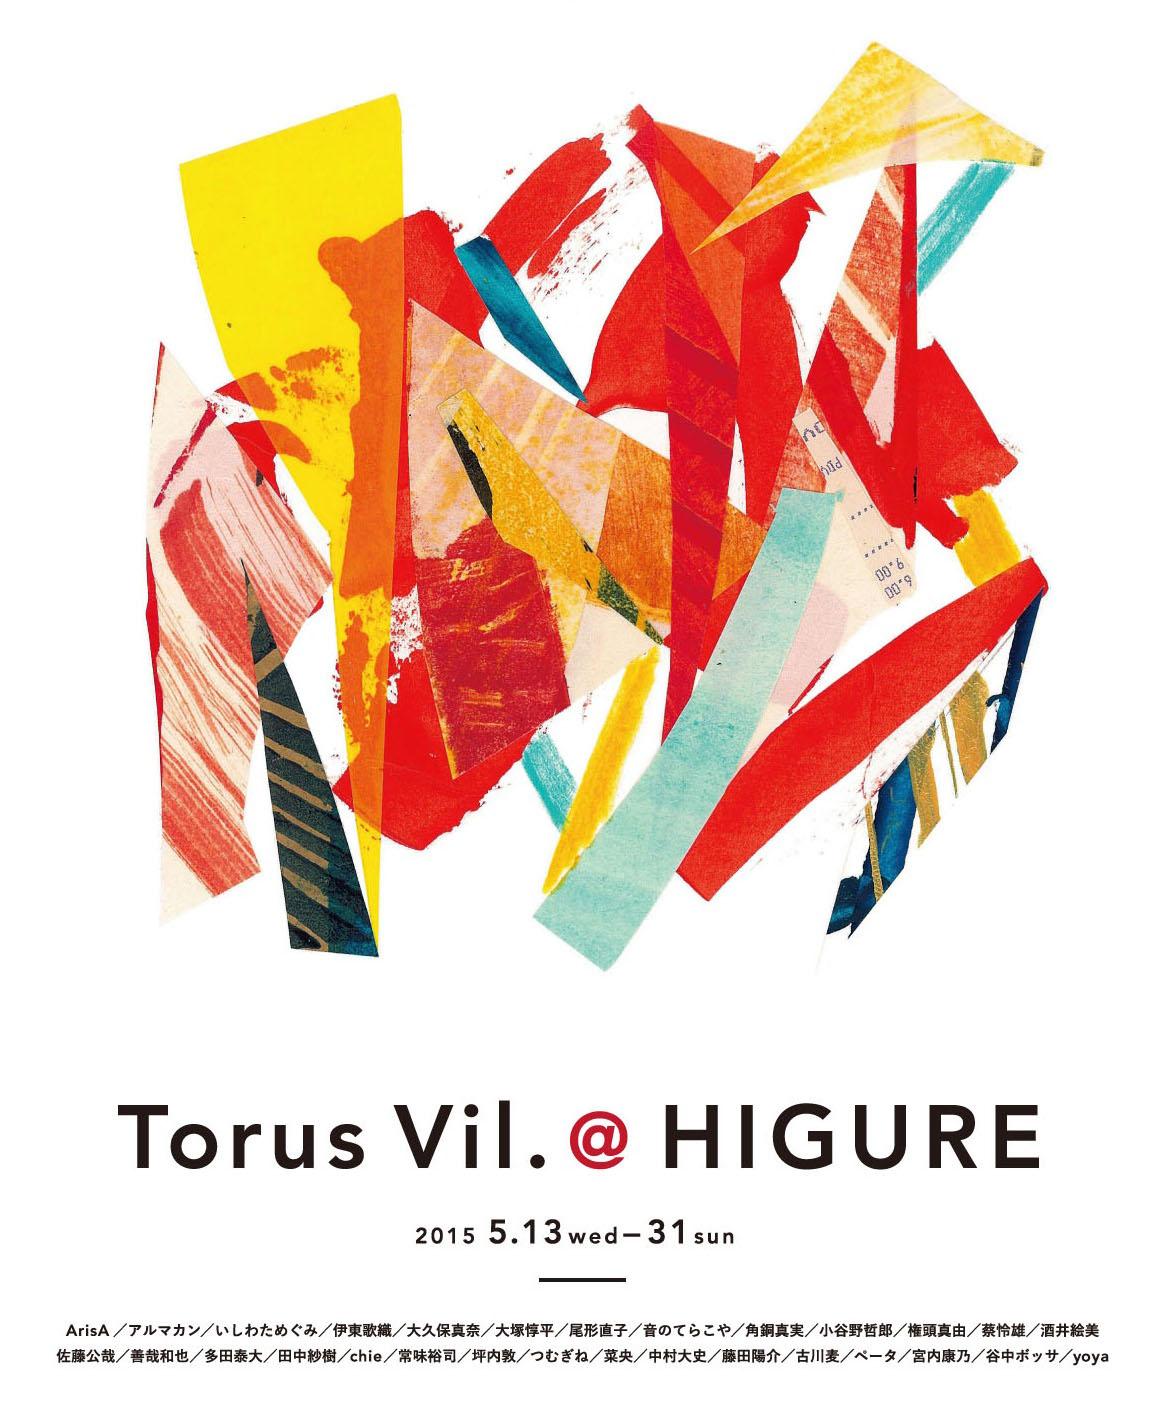 Torus_higure_F_2.jpg